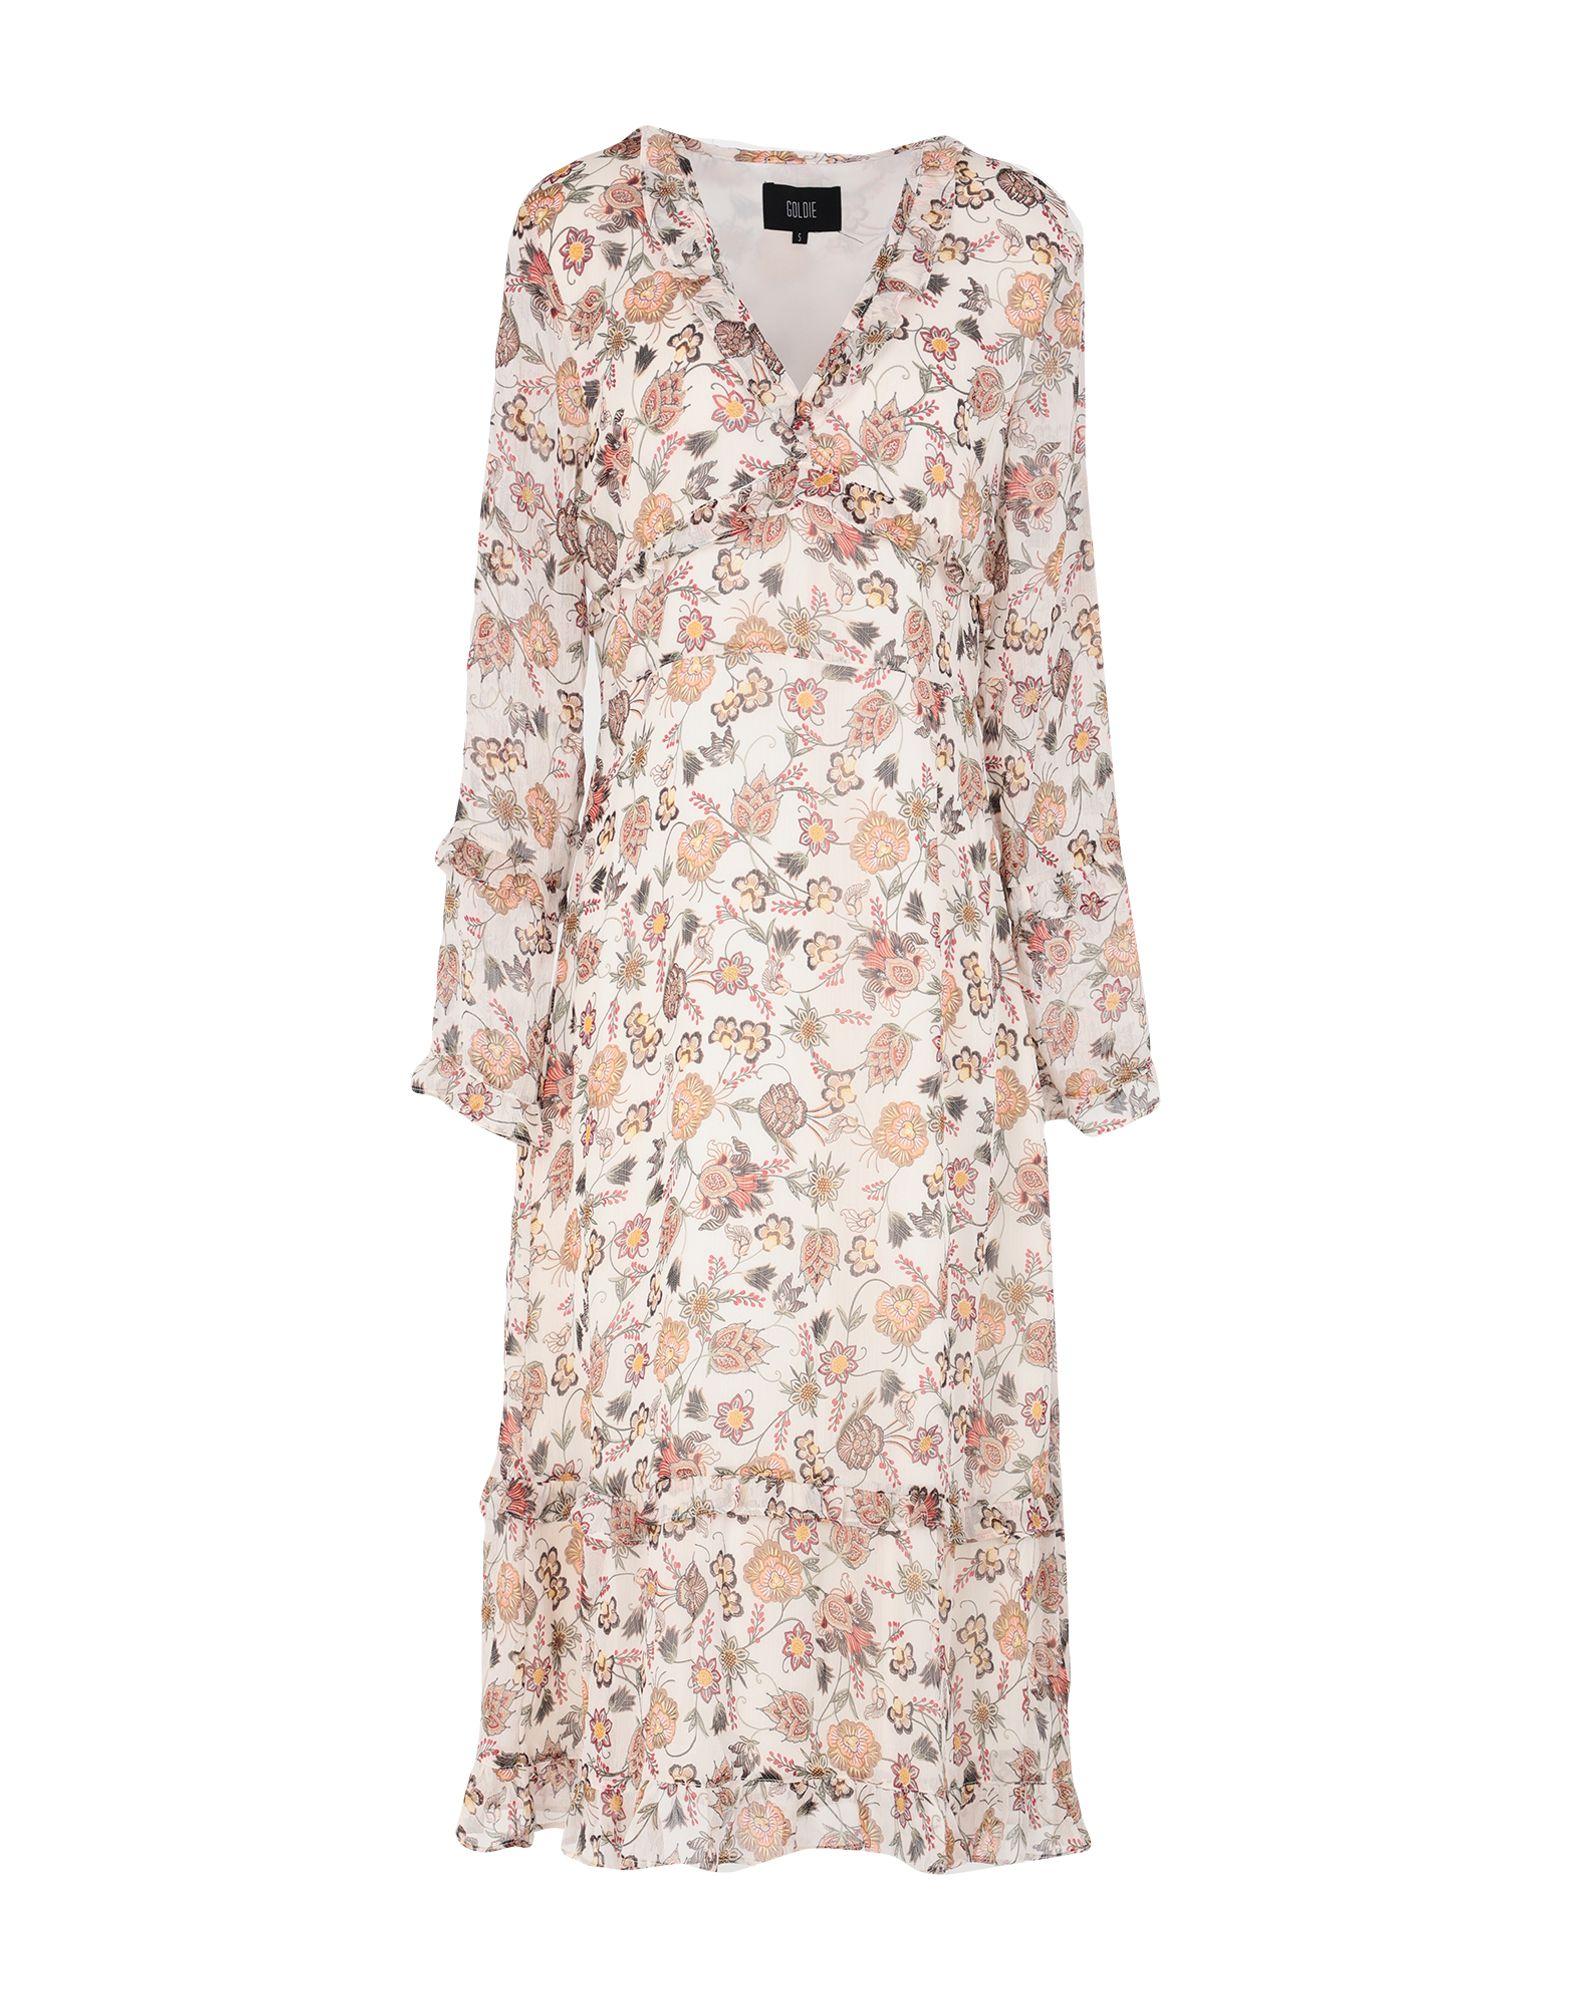 GOLDIE LONDON Платье длиной 3/4